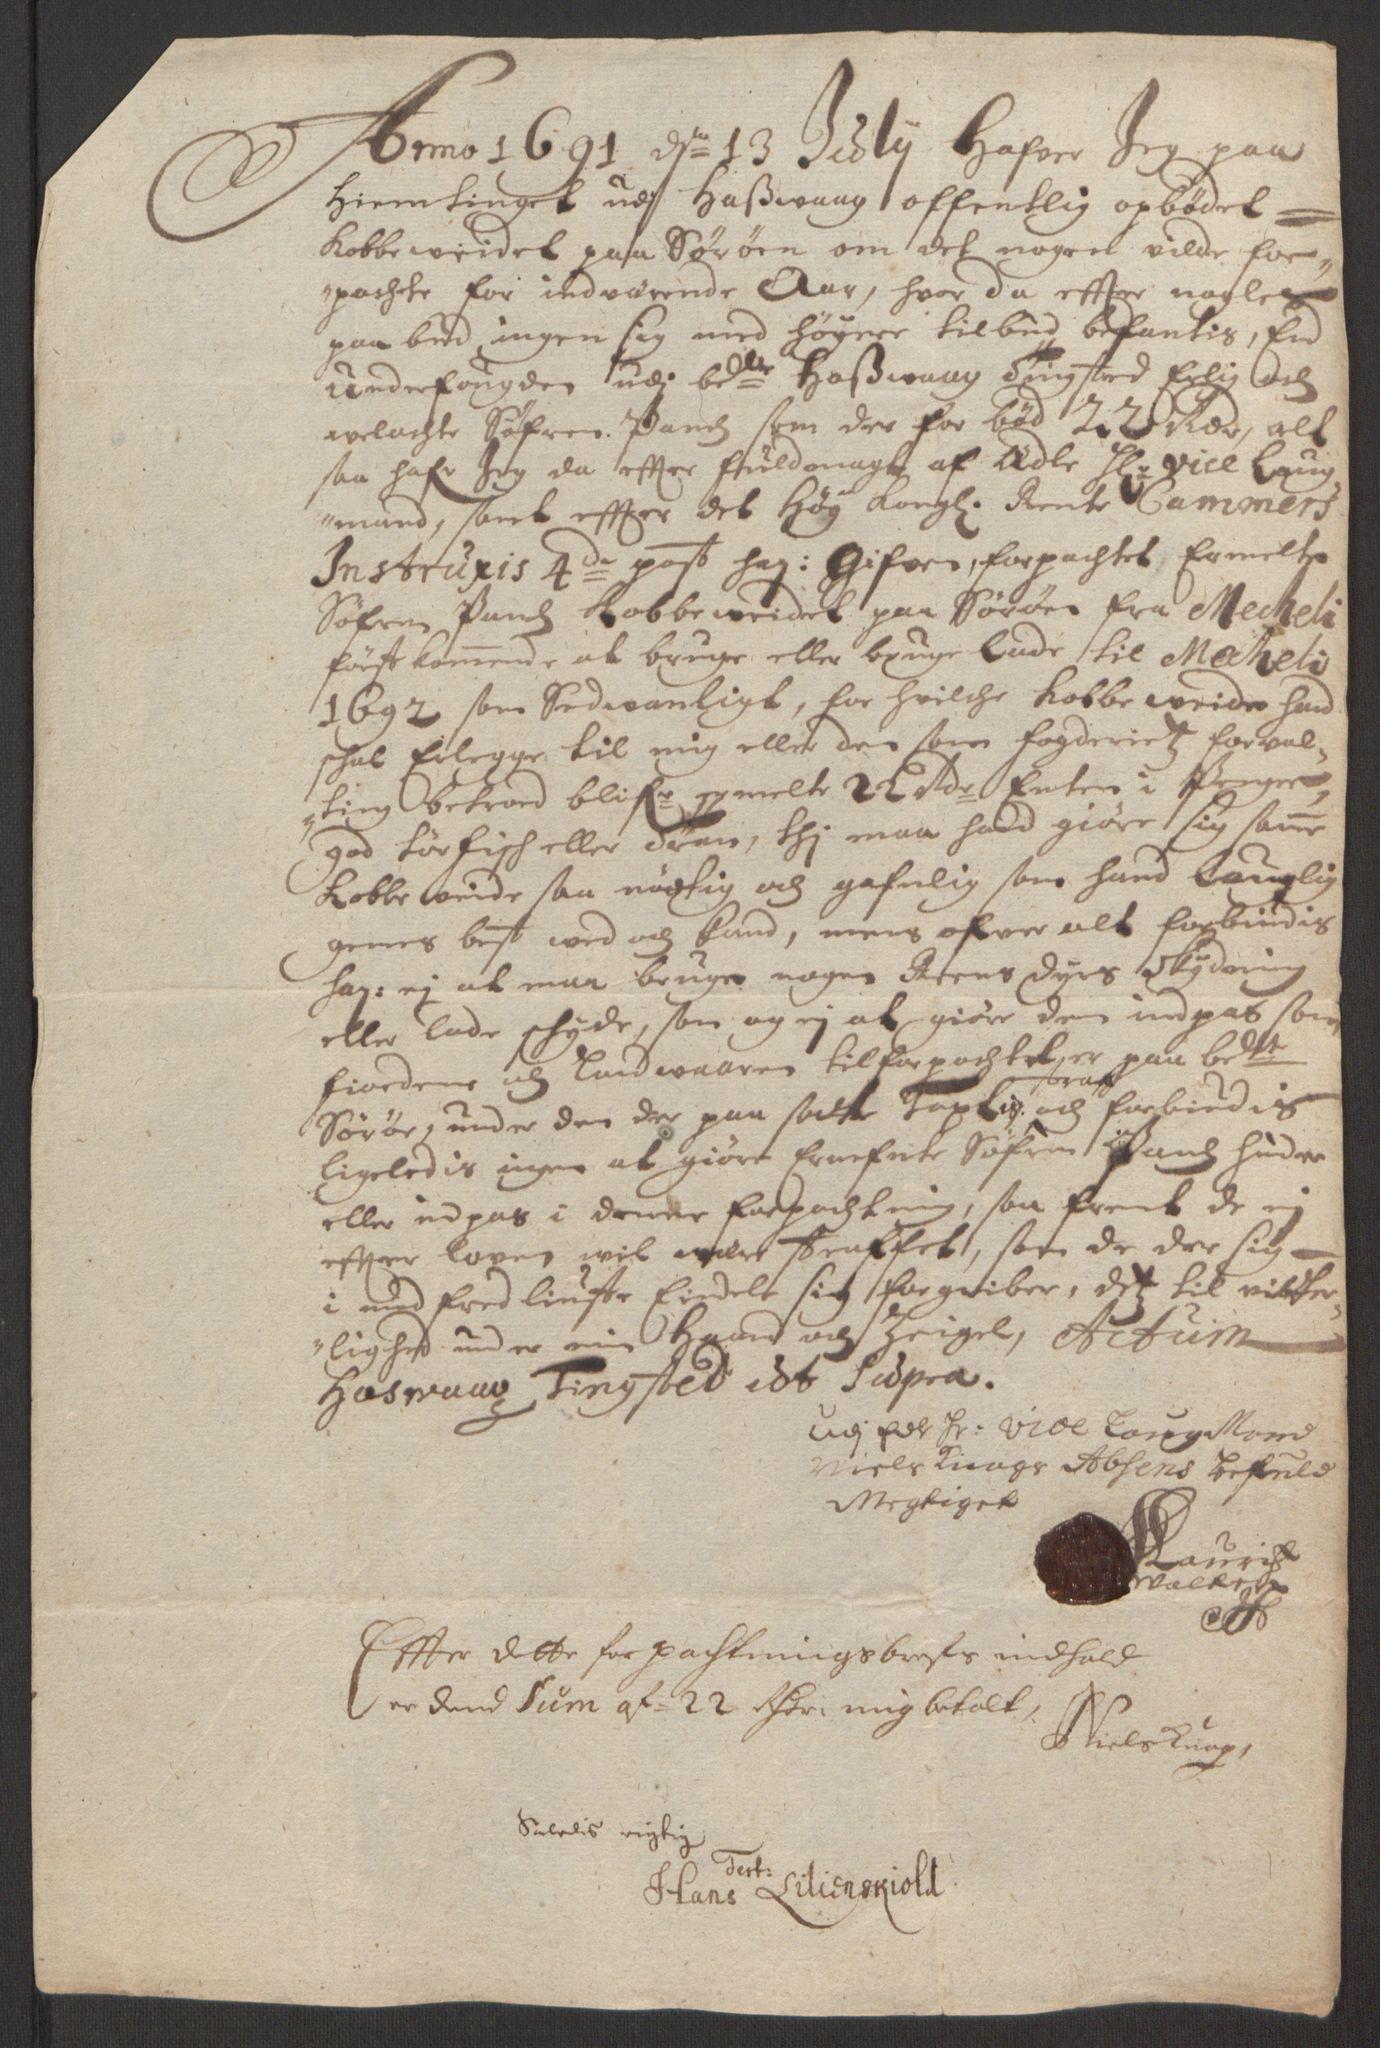 RA, Rentekammeret inntil 1814, Reviderte regnskaper, Fogderegnskap, R69/L4851: Fogderegnskap Finnmark/Vardøhus, 1691-1700, s. 36